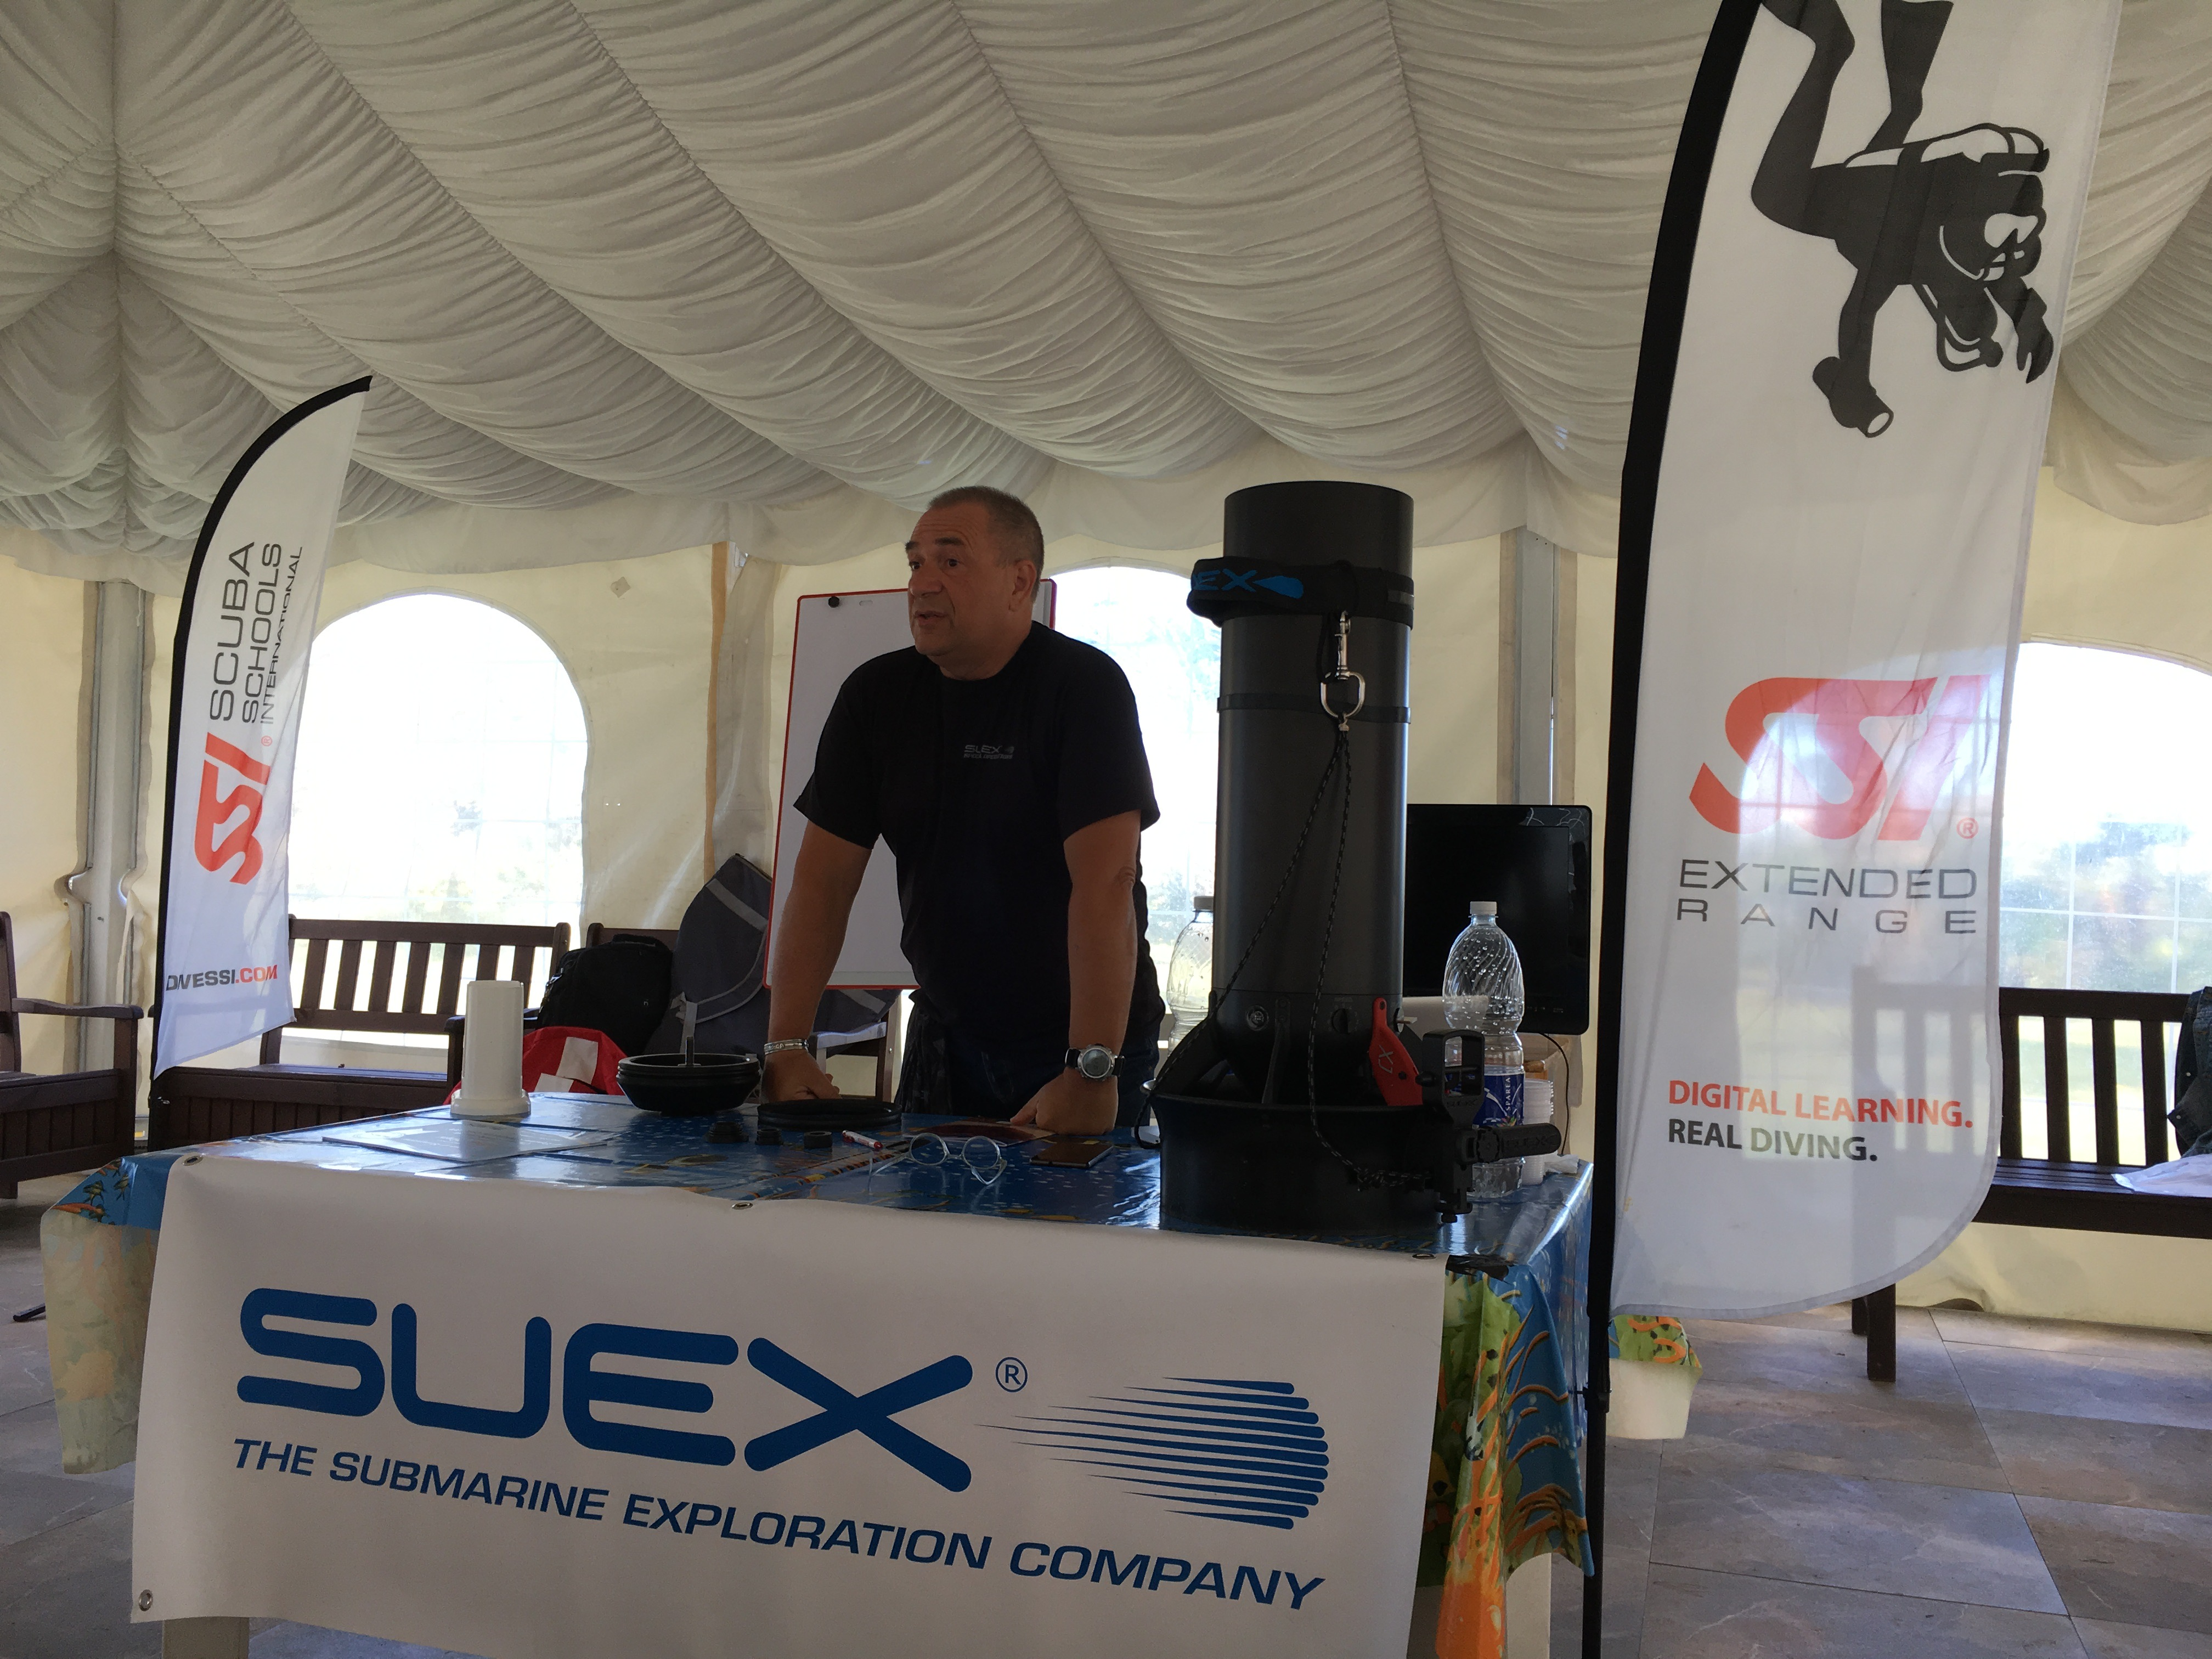 Workshop Suex